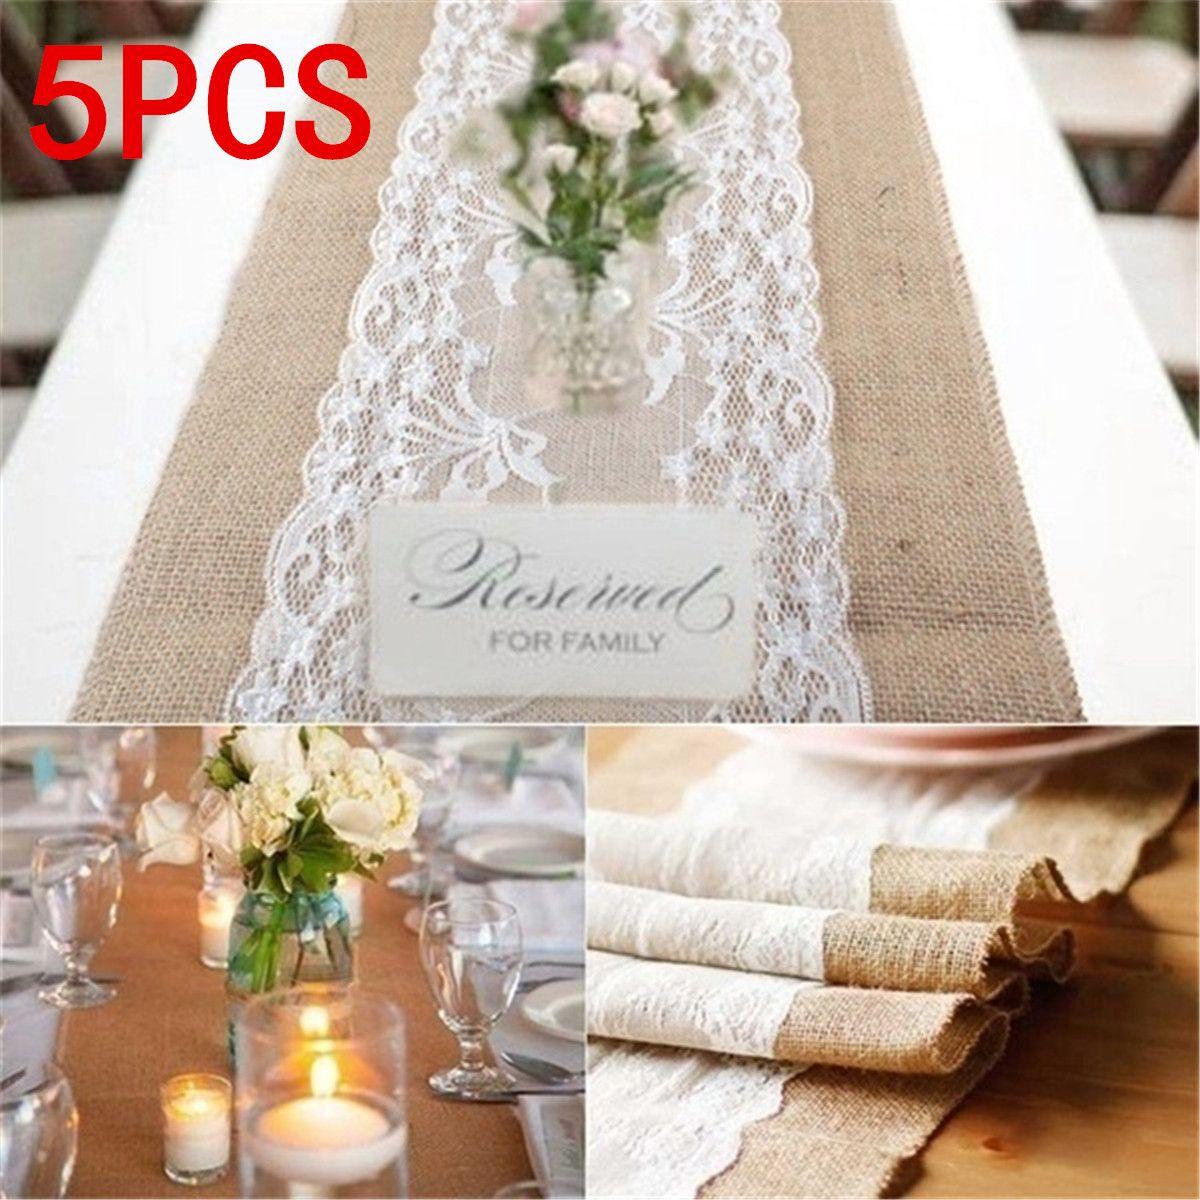 5 pièces 30 cm x 275 cm toile de jute rustique dentelle de jute chemin de Table décoration de mariage broderie dentelle garniture Banquet évider chemin de Table